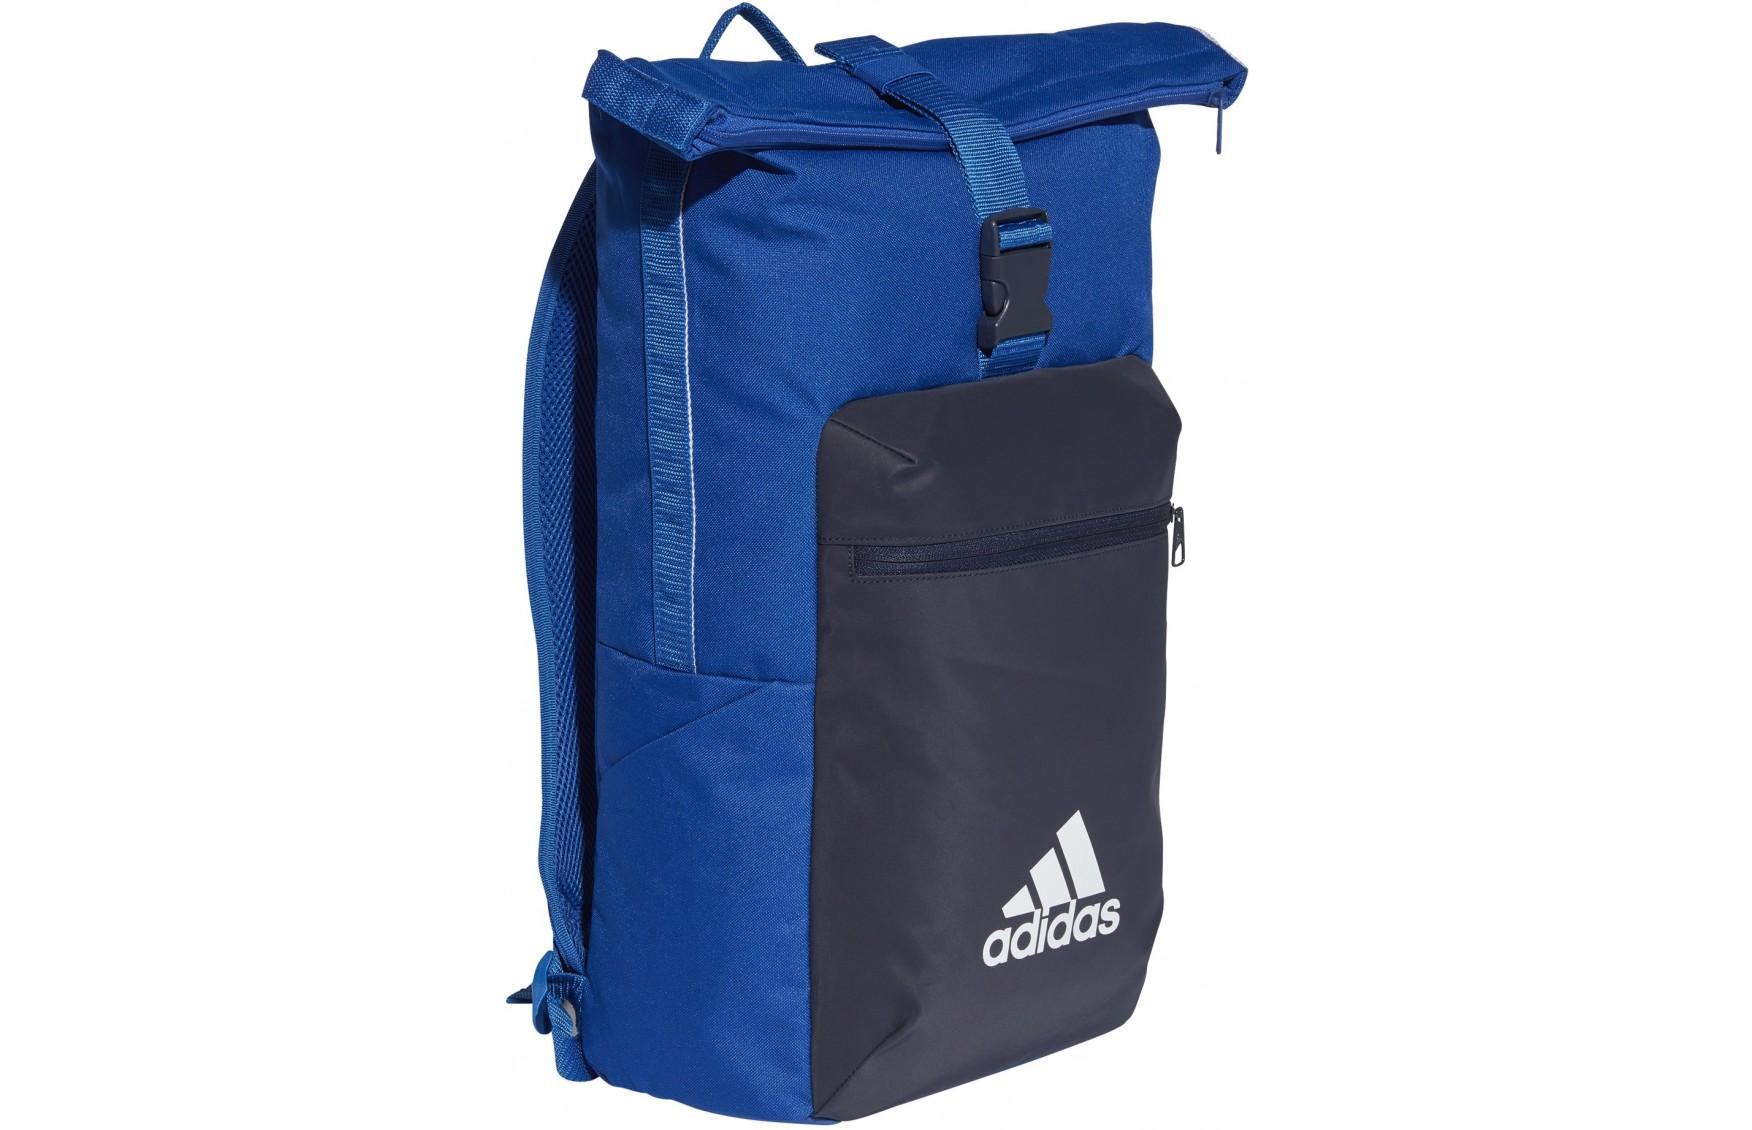 Kelebihan Adidas Tas Ransel Athletics Core Backpack Cg0491 Terkini 2